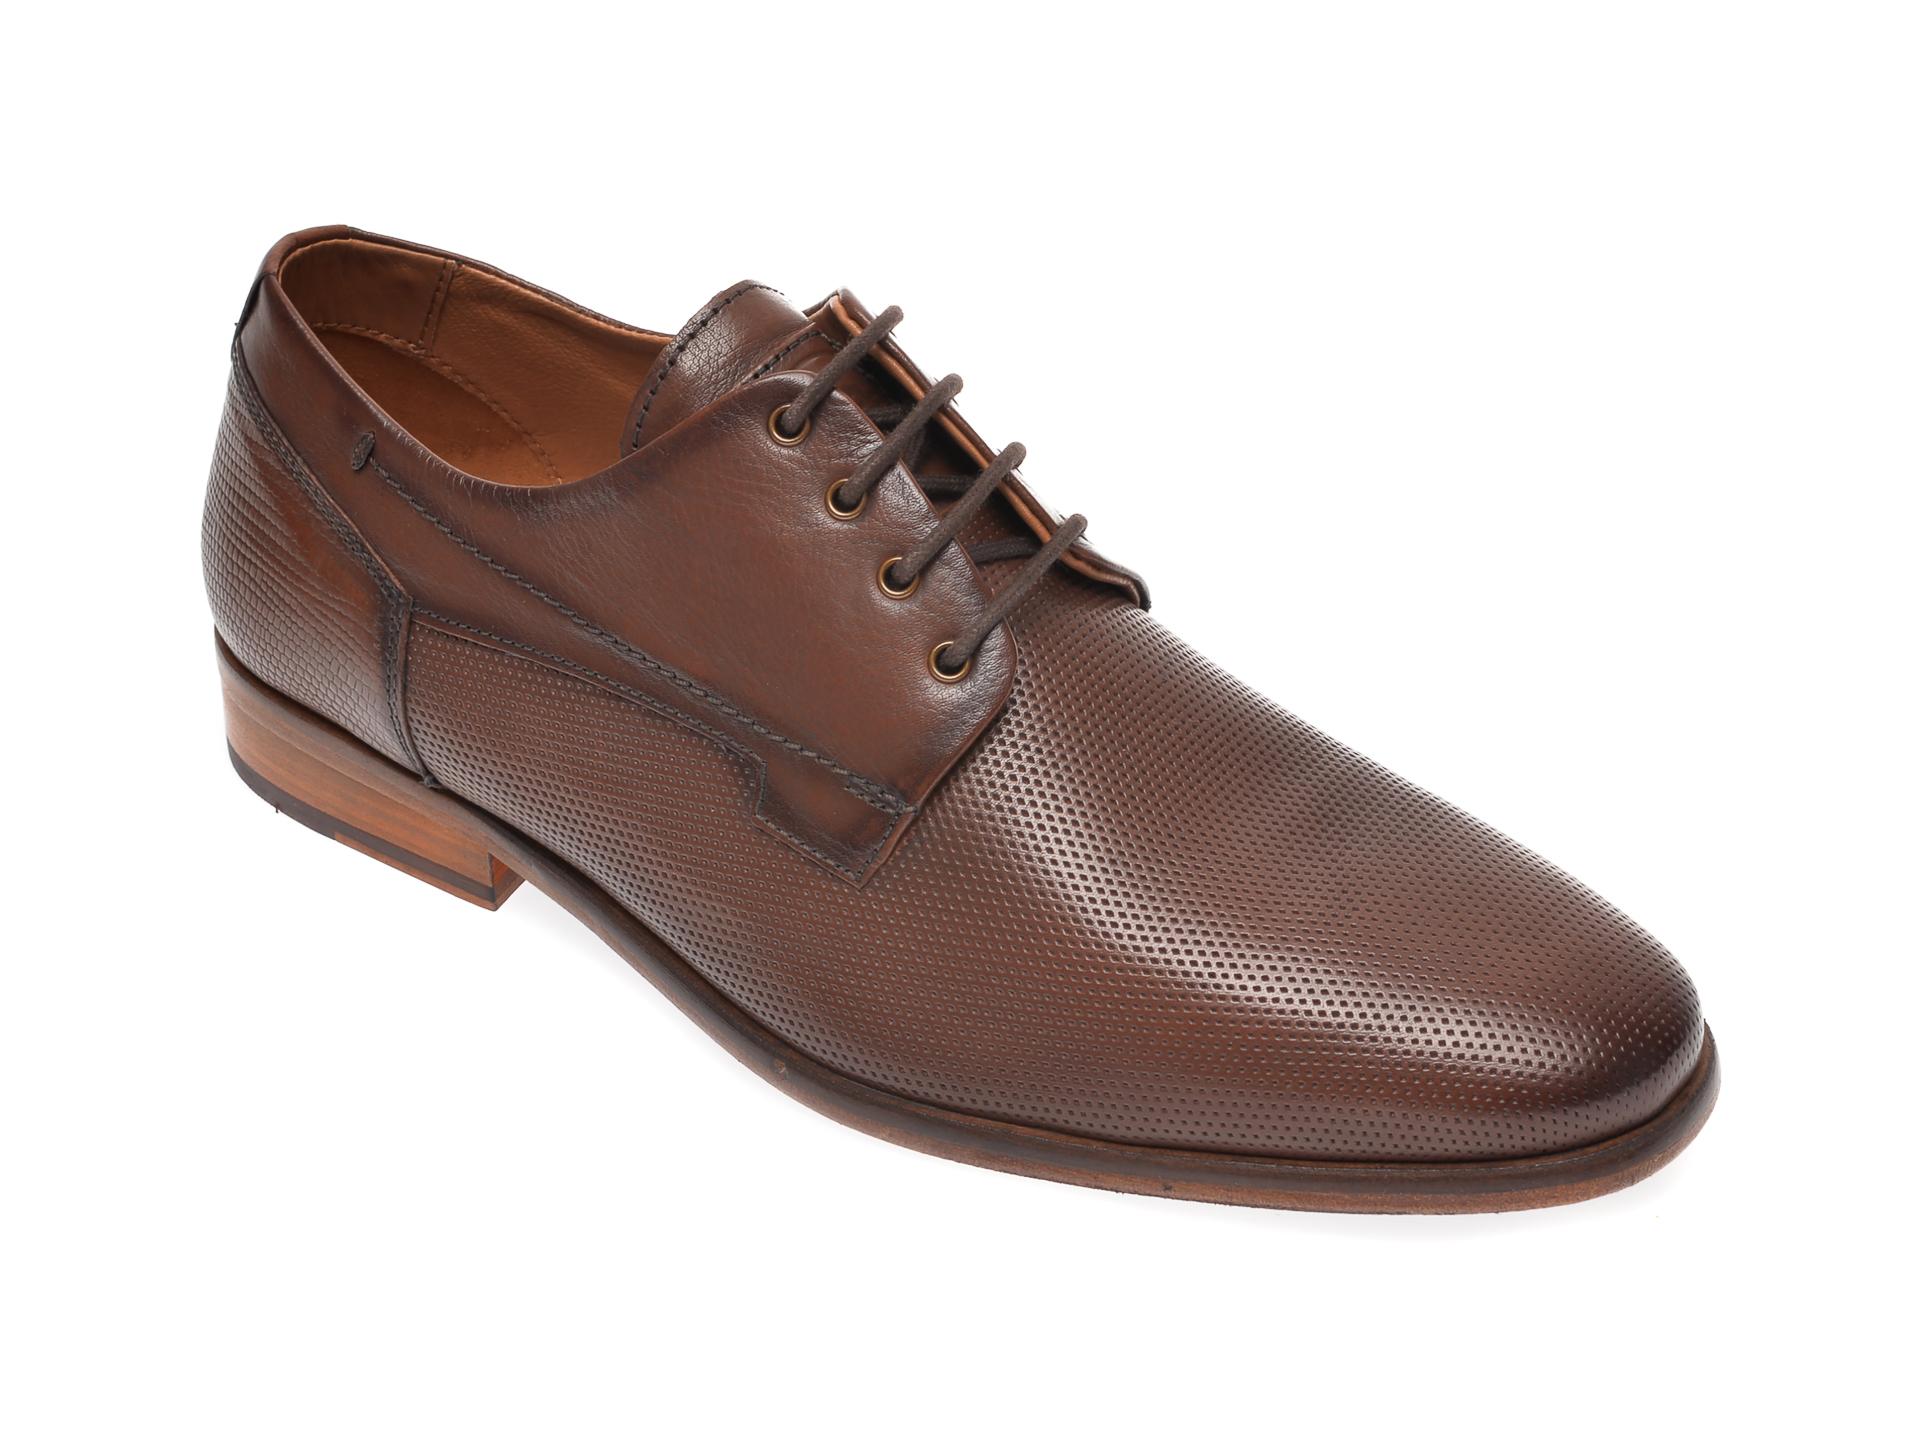 Pantofi SALAMANDER maro, 57806, din piele naturala imagine